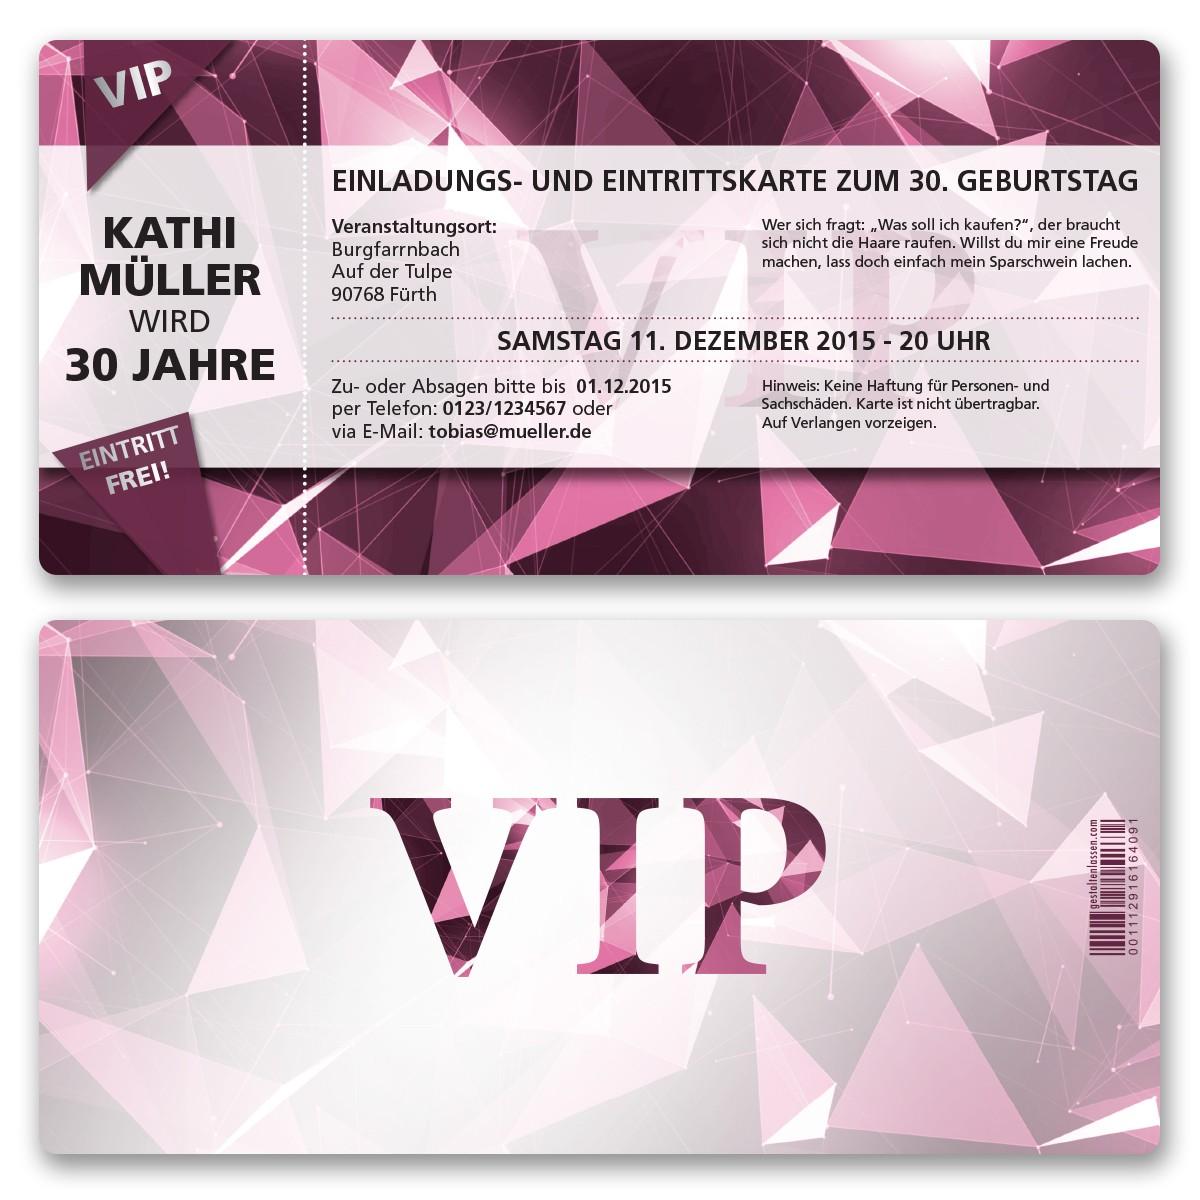 einladungskarten als vip eintrittskarte bestellen, Einladung